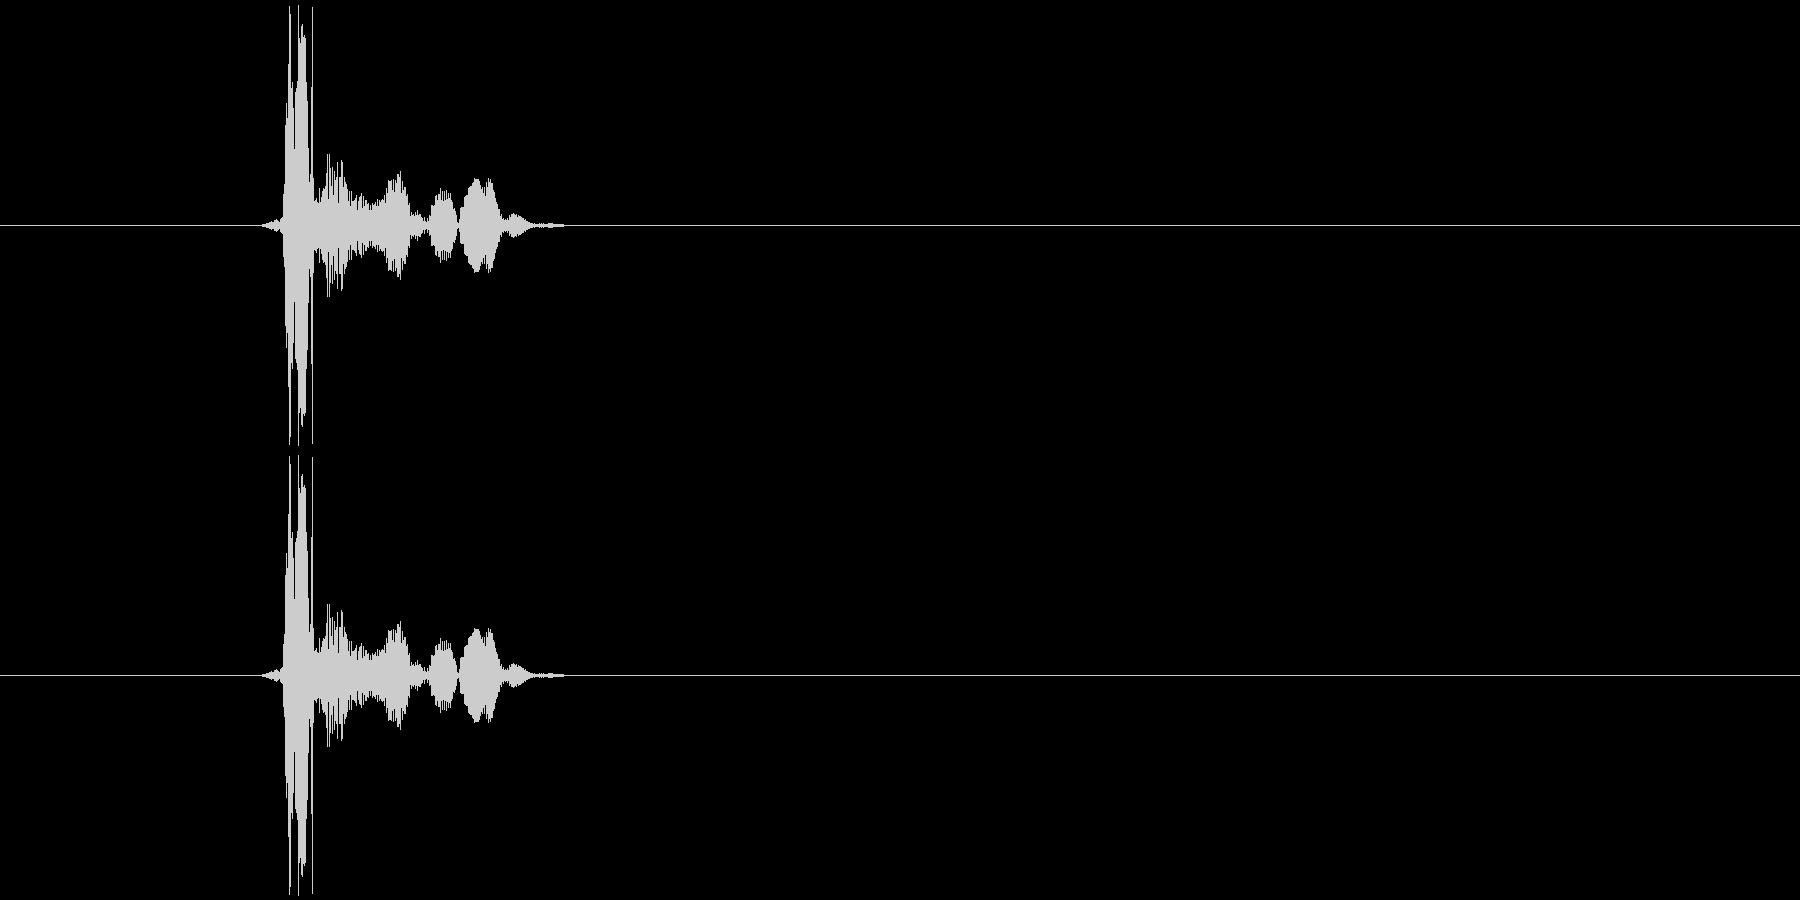 ポンッ  という感じの音。の未再生の波形